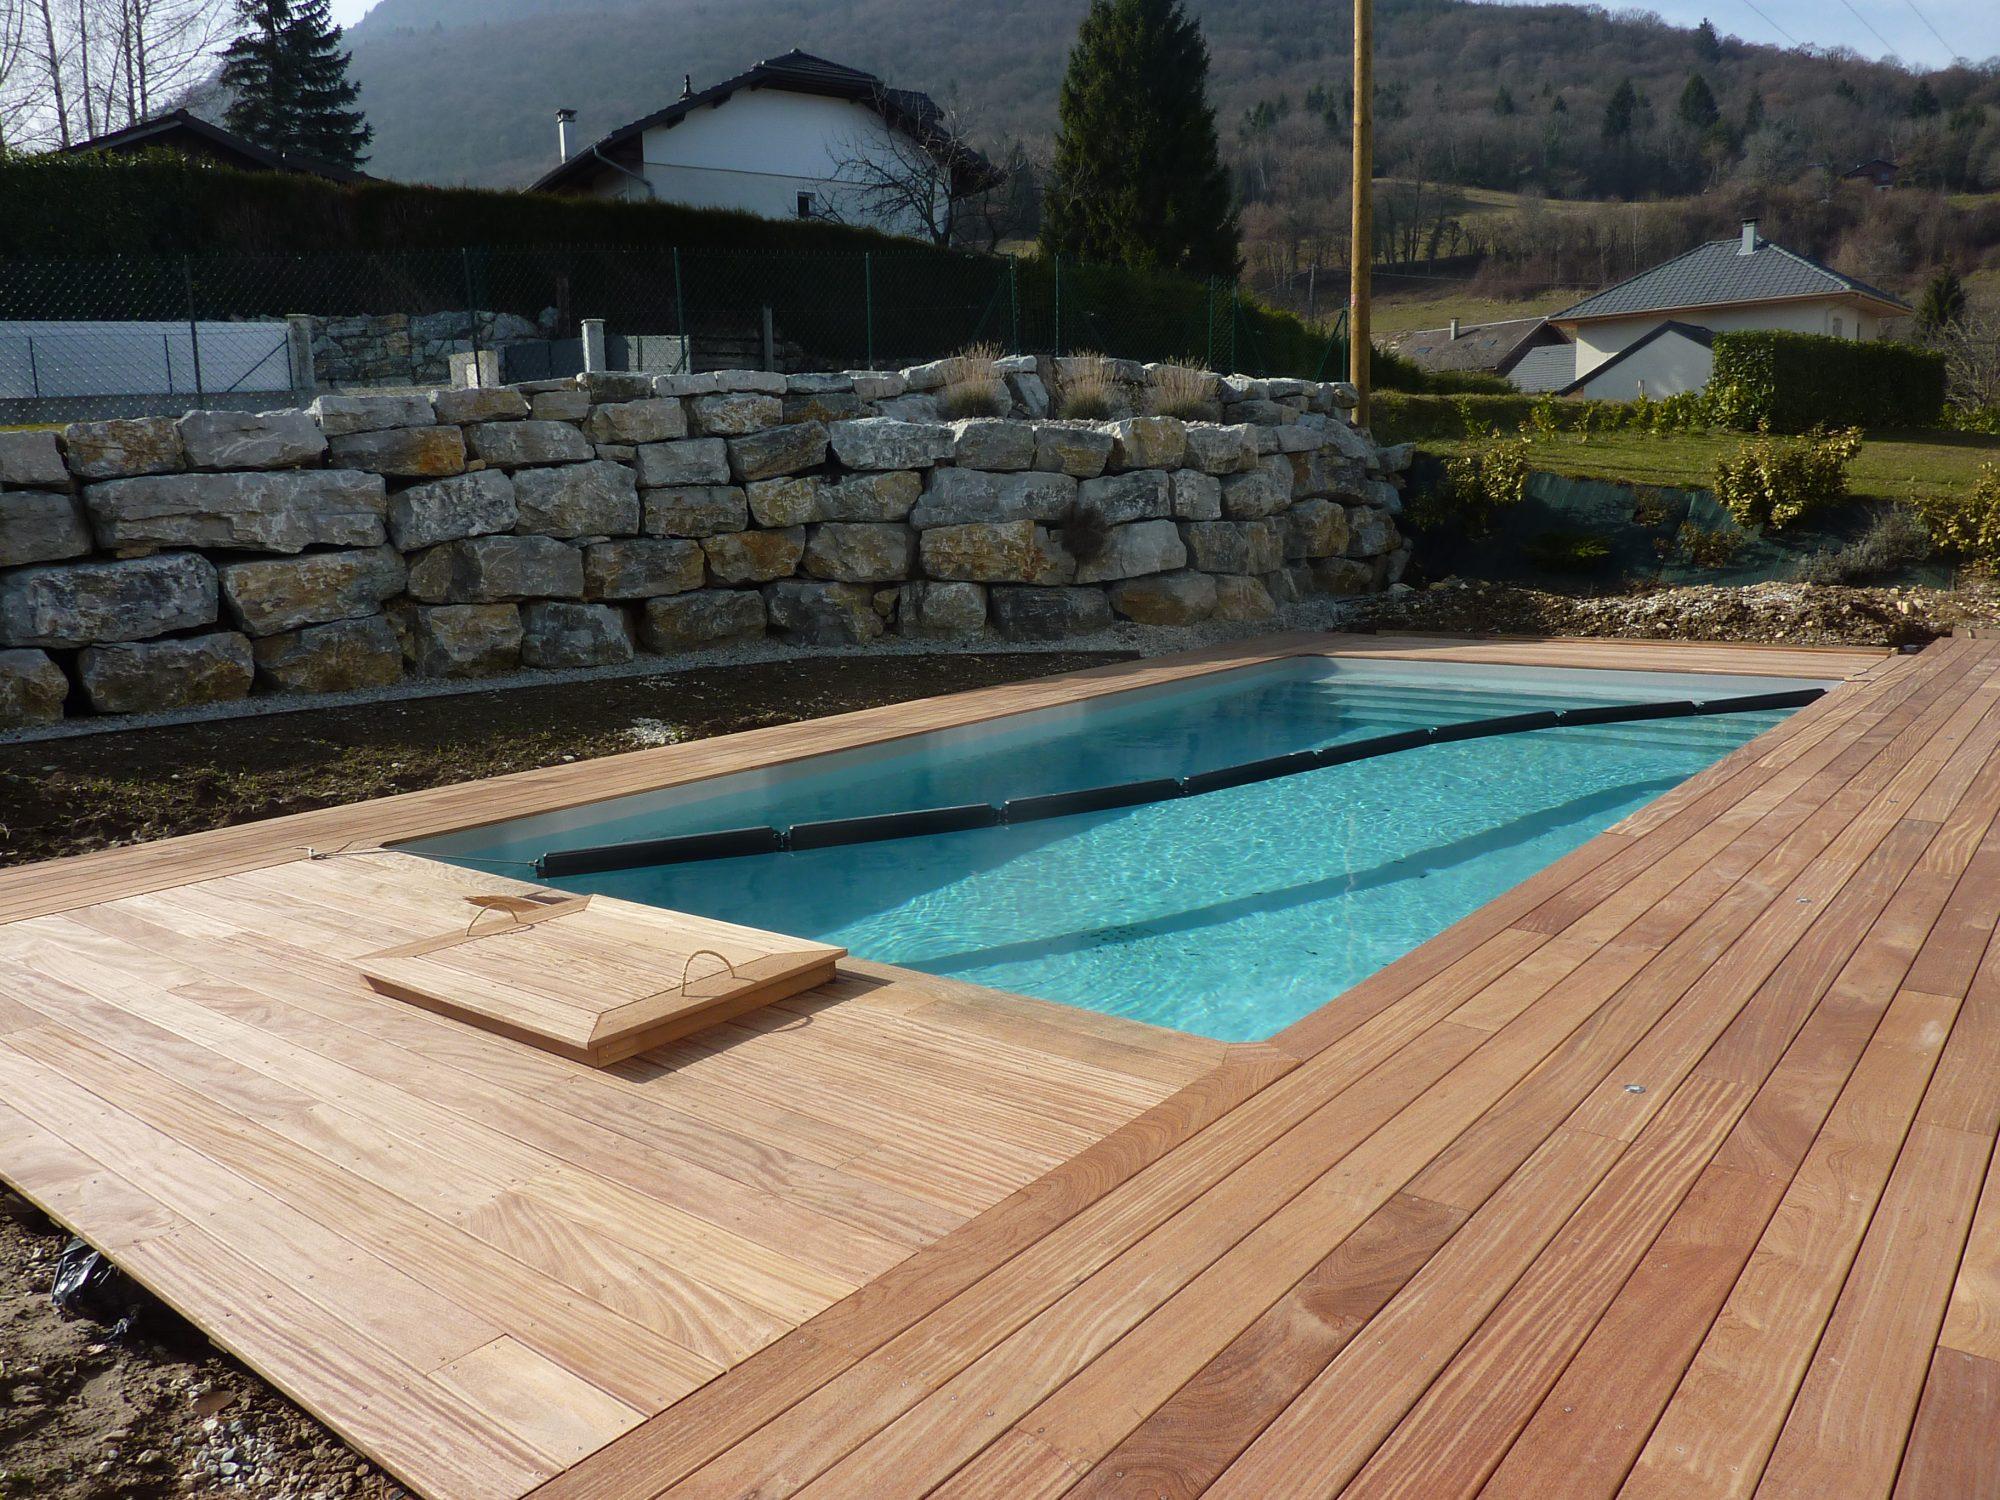 Quel Est Le Meilleur Bois Pour Terrasse quelle essence de bois pour mon tour de piscine ?